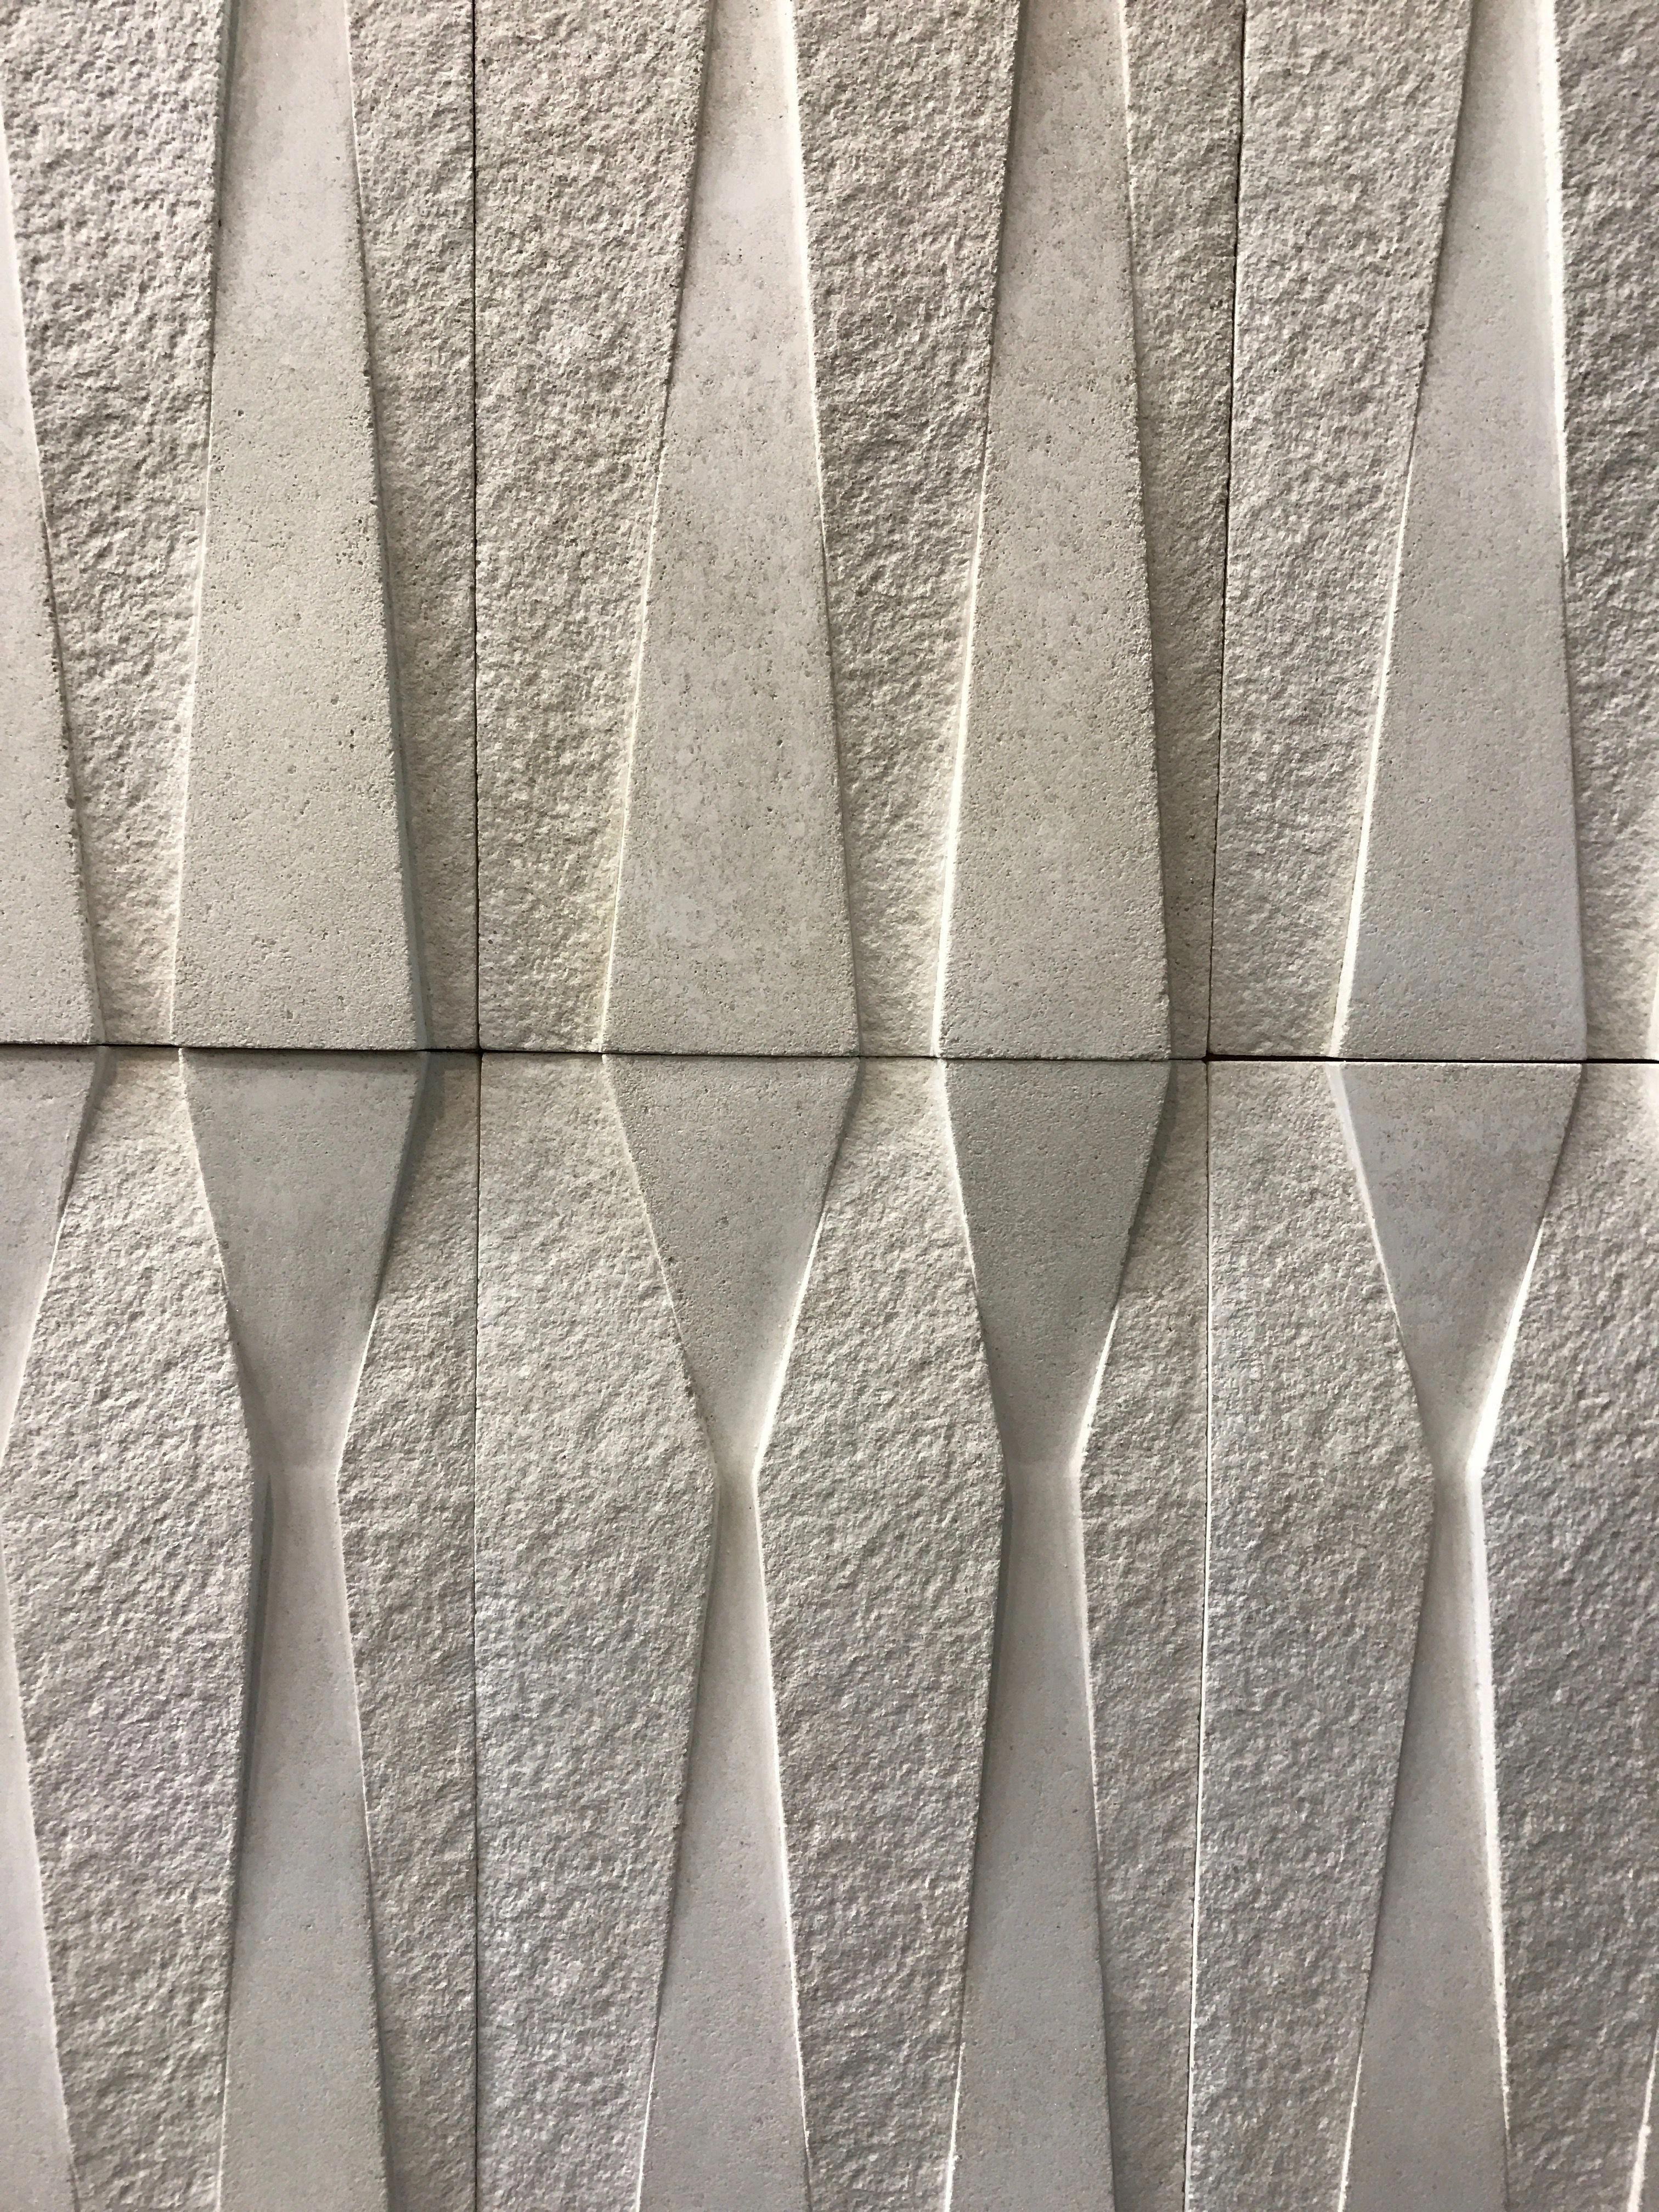 Interiorqx60 Q7interior Textured Walls Wall Patterns Stone Wall